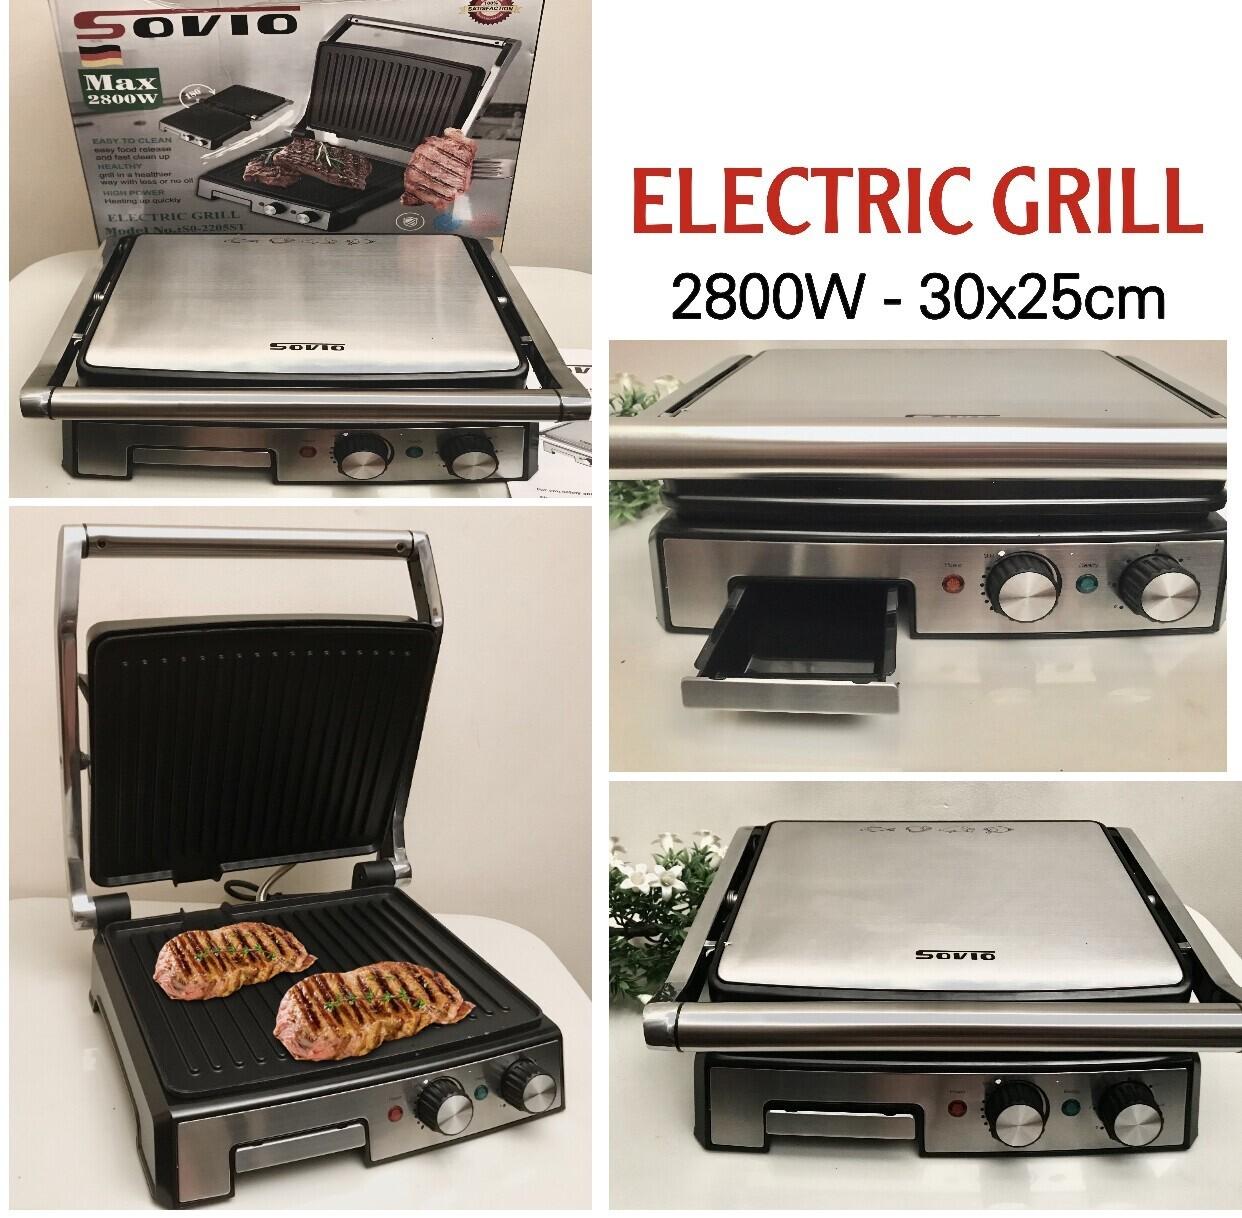 SOVIO Electric Grill